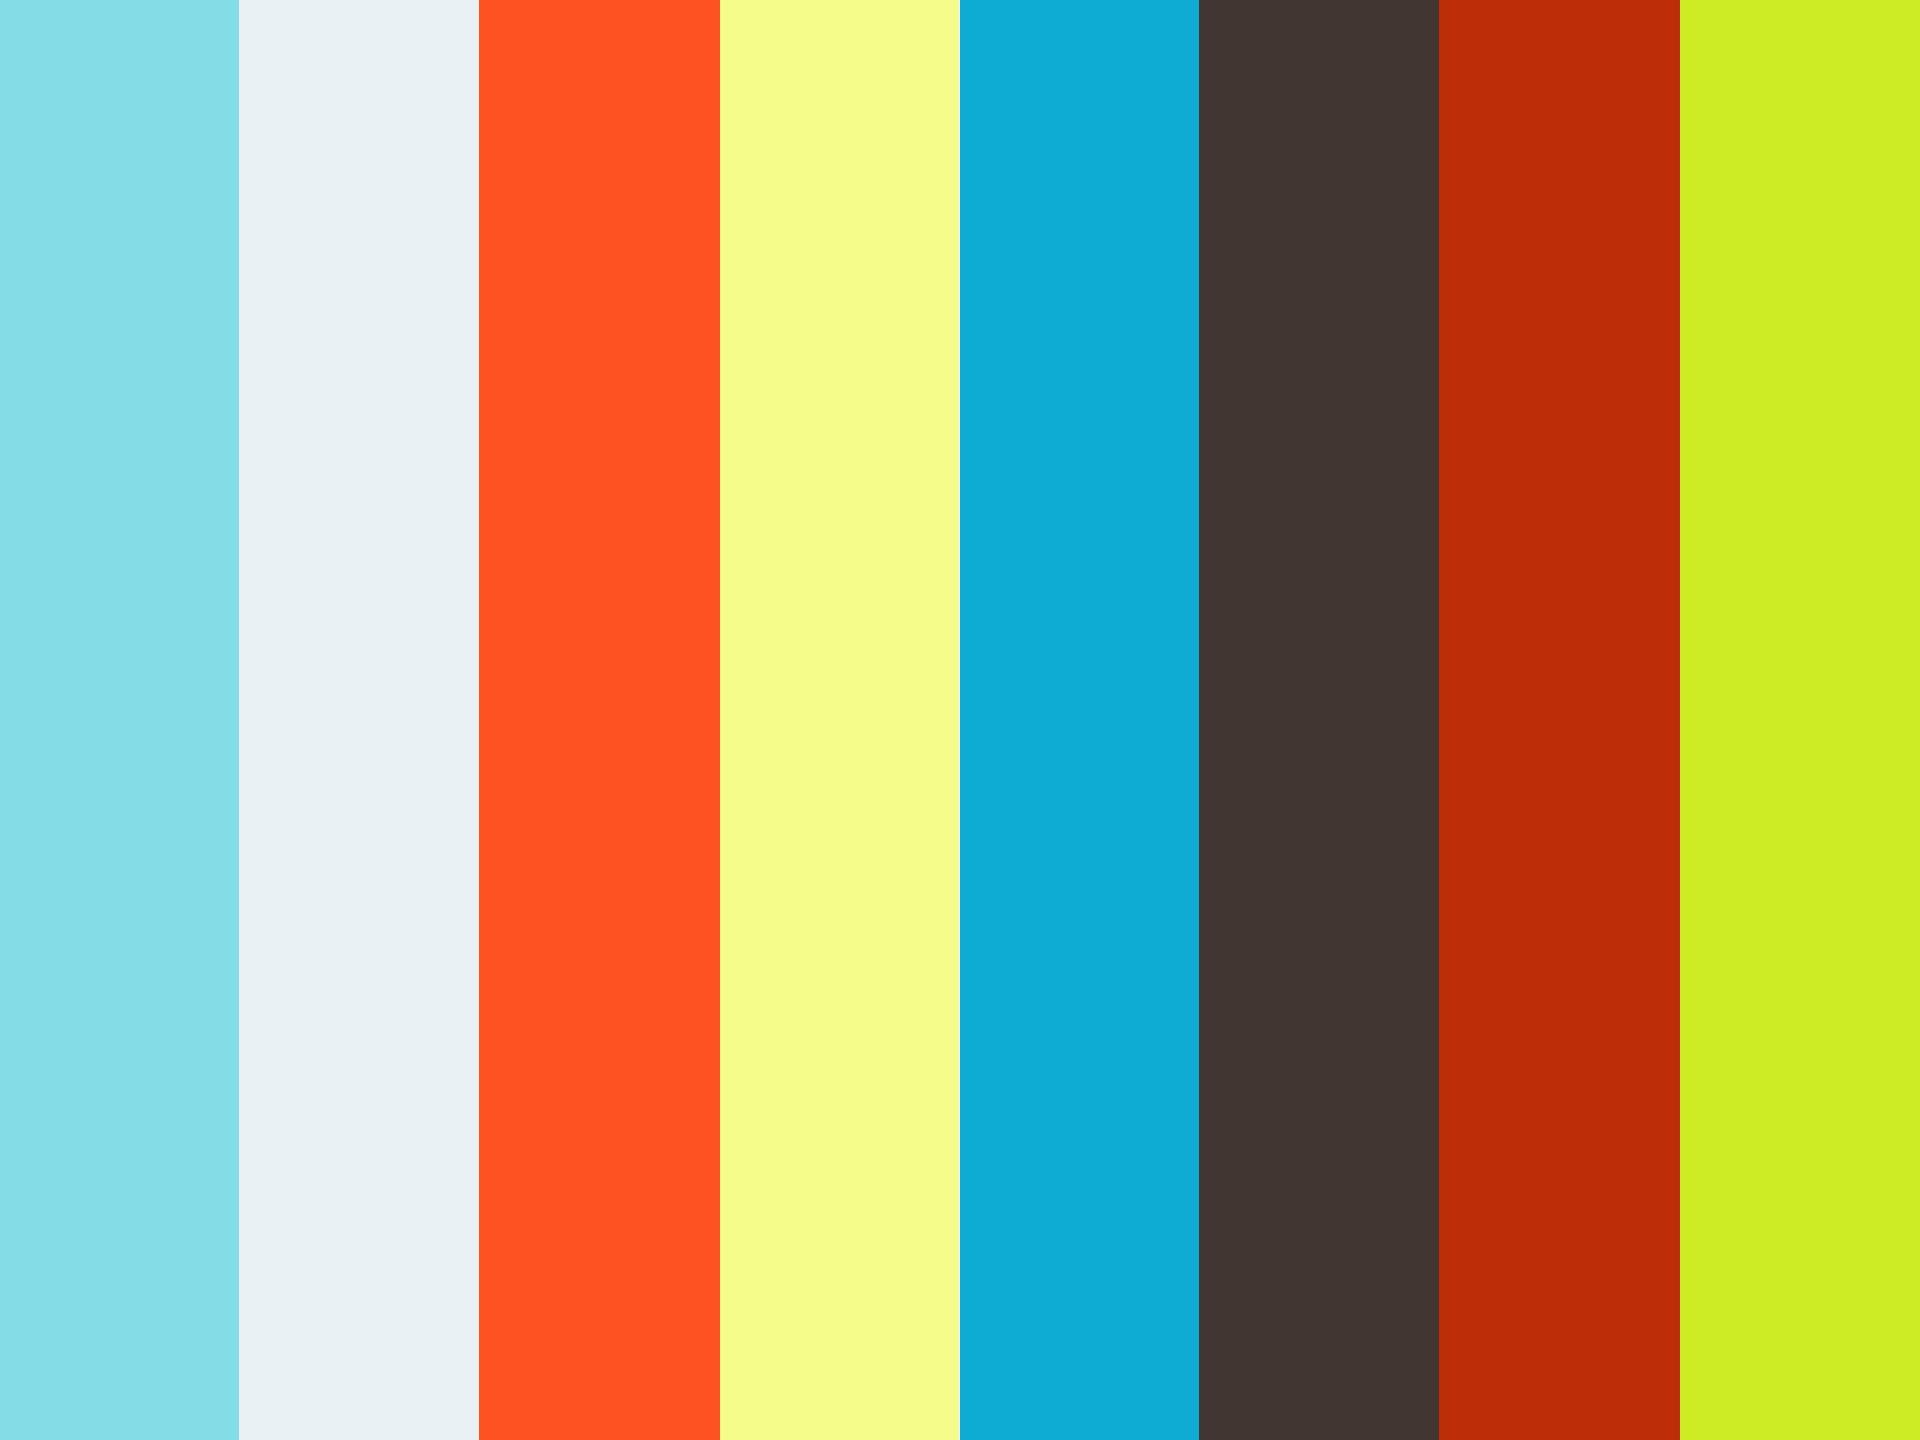 【ライブ・無料】Regroth(リグロス®)の秘訣に迫る!Doctorbook会員限定プラチナセミナー